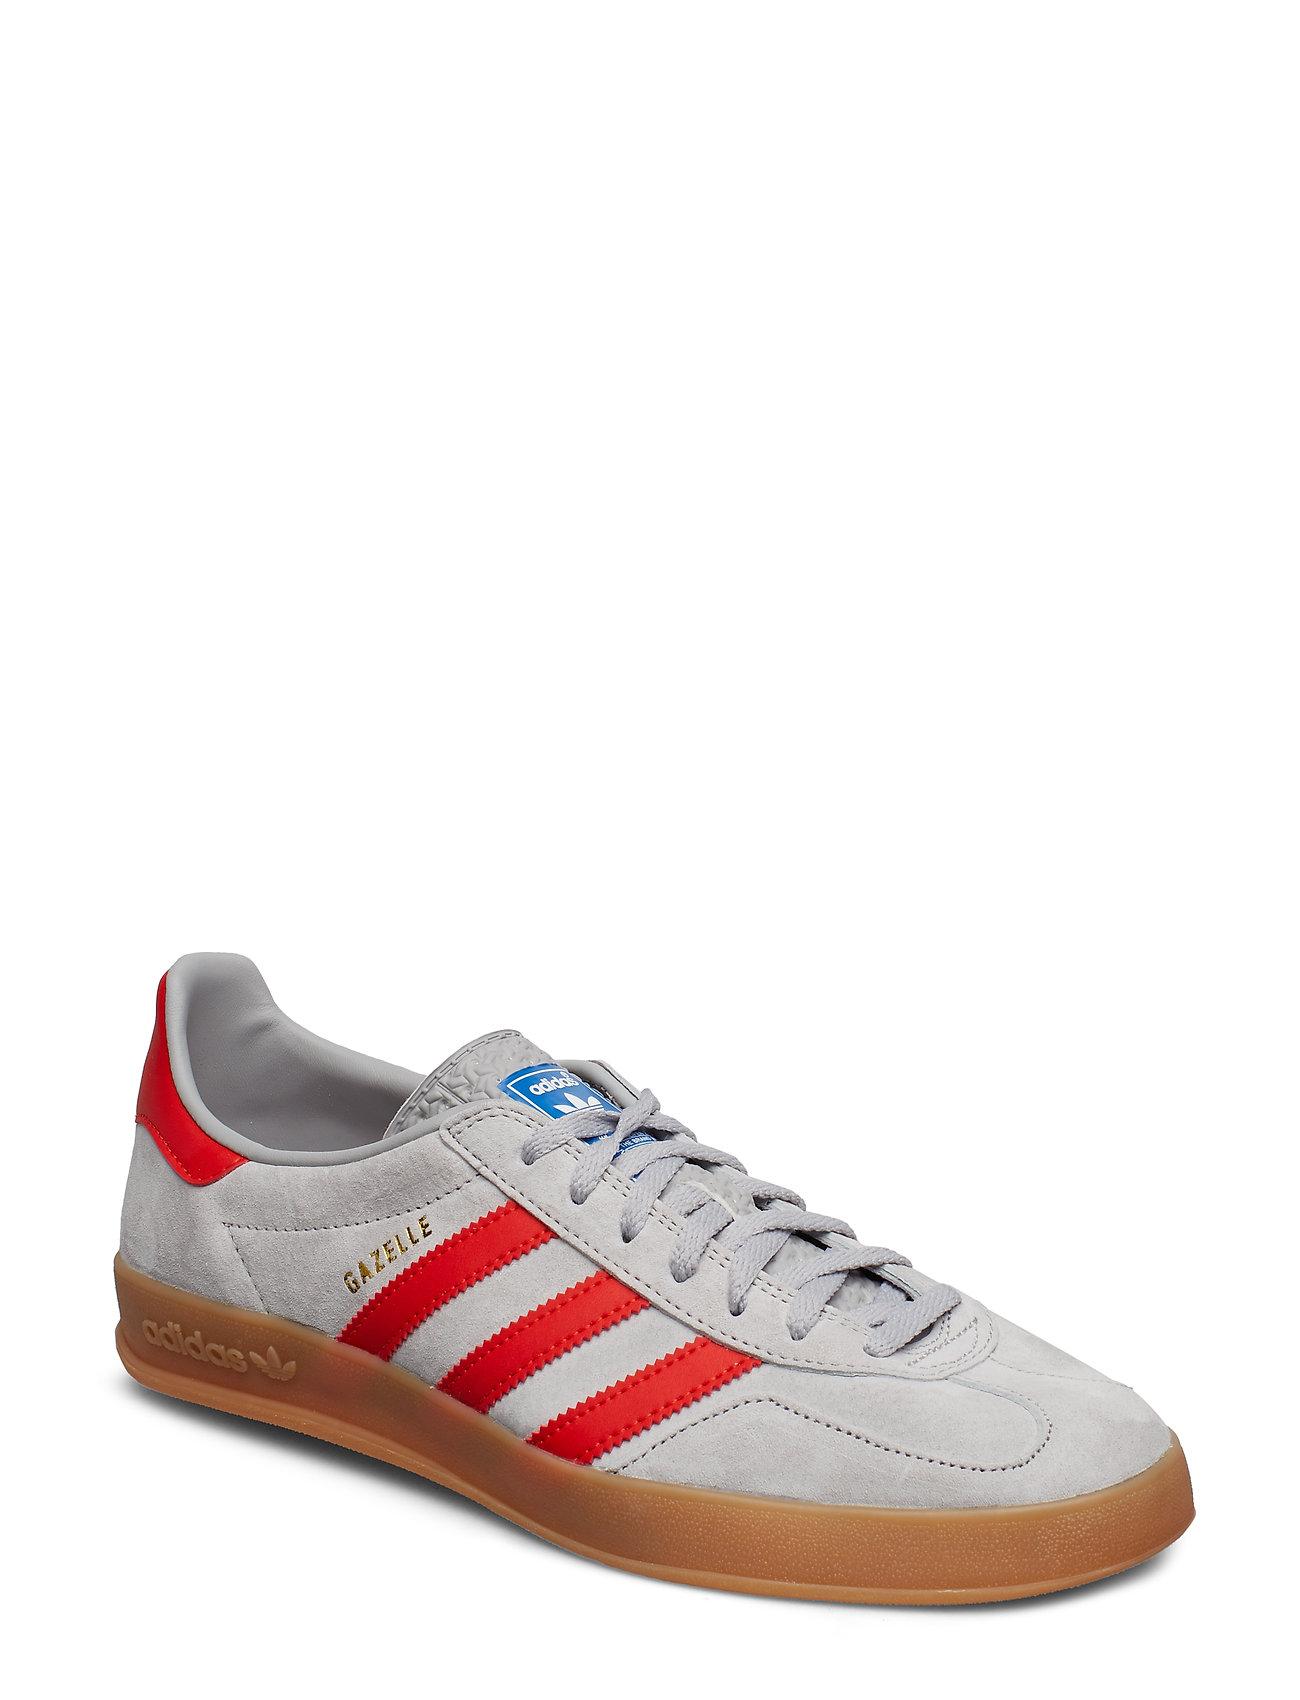 adidas Originals Gazelle Indoor (Gretwo